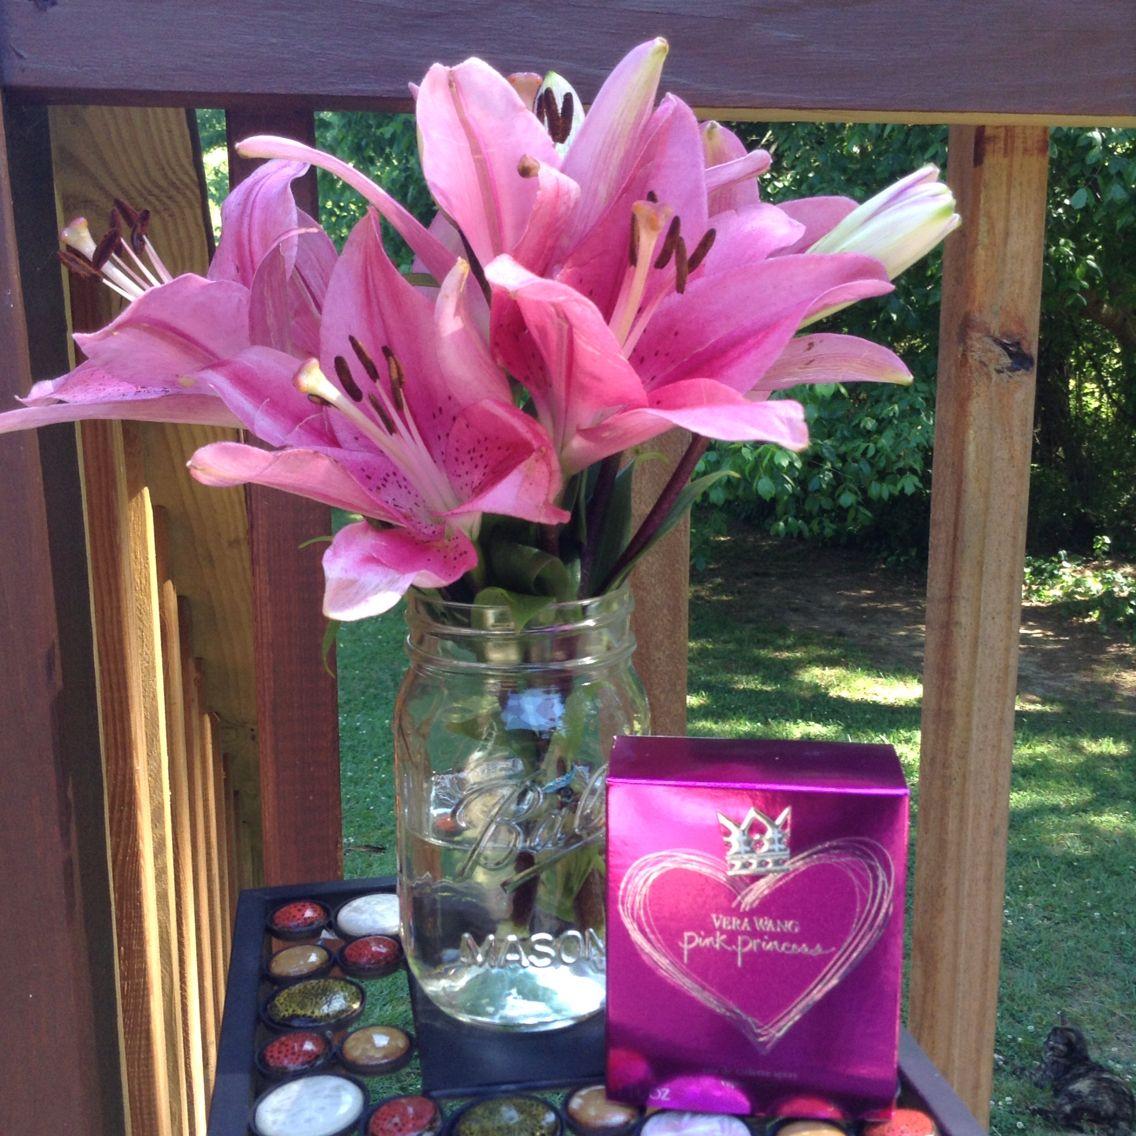 Pink Princess by Vera Wang L Perfumes Pinterest Pink